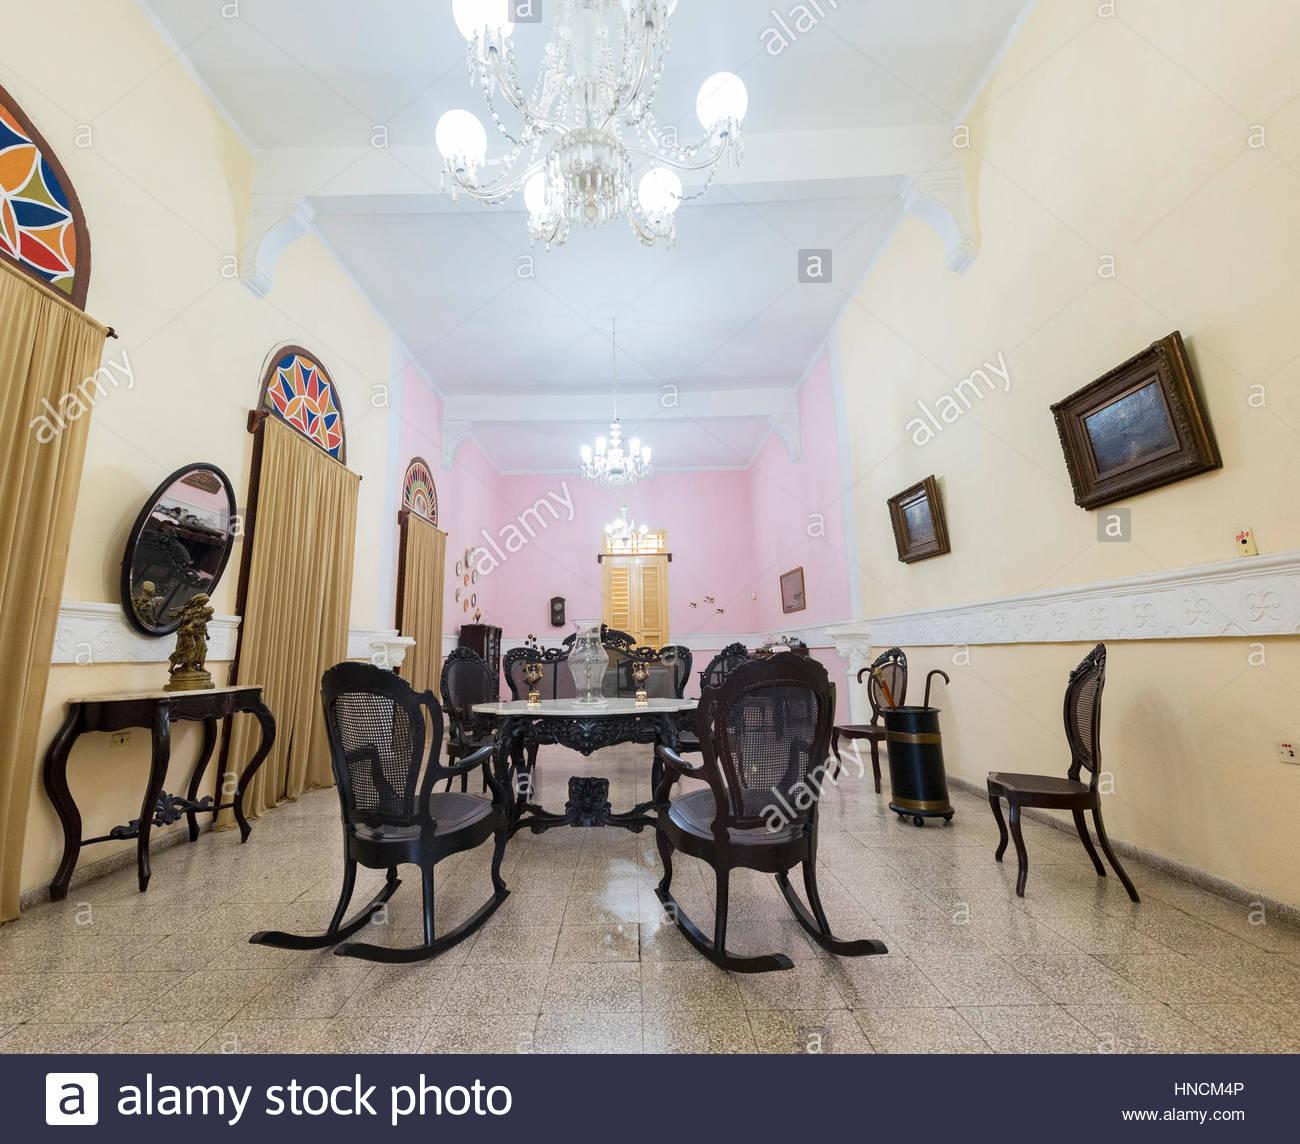 Marvelous Spanische Kolonialzeit Wohnzimmer Möbel Und Dekoration. Massivem Holz  Schaukelstühle Typisch Kubanische Kultur.